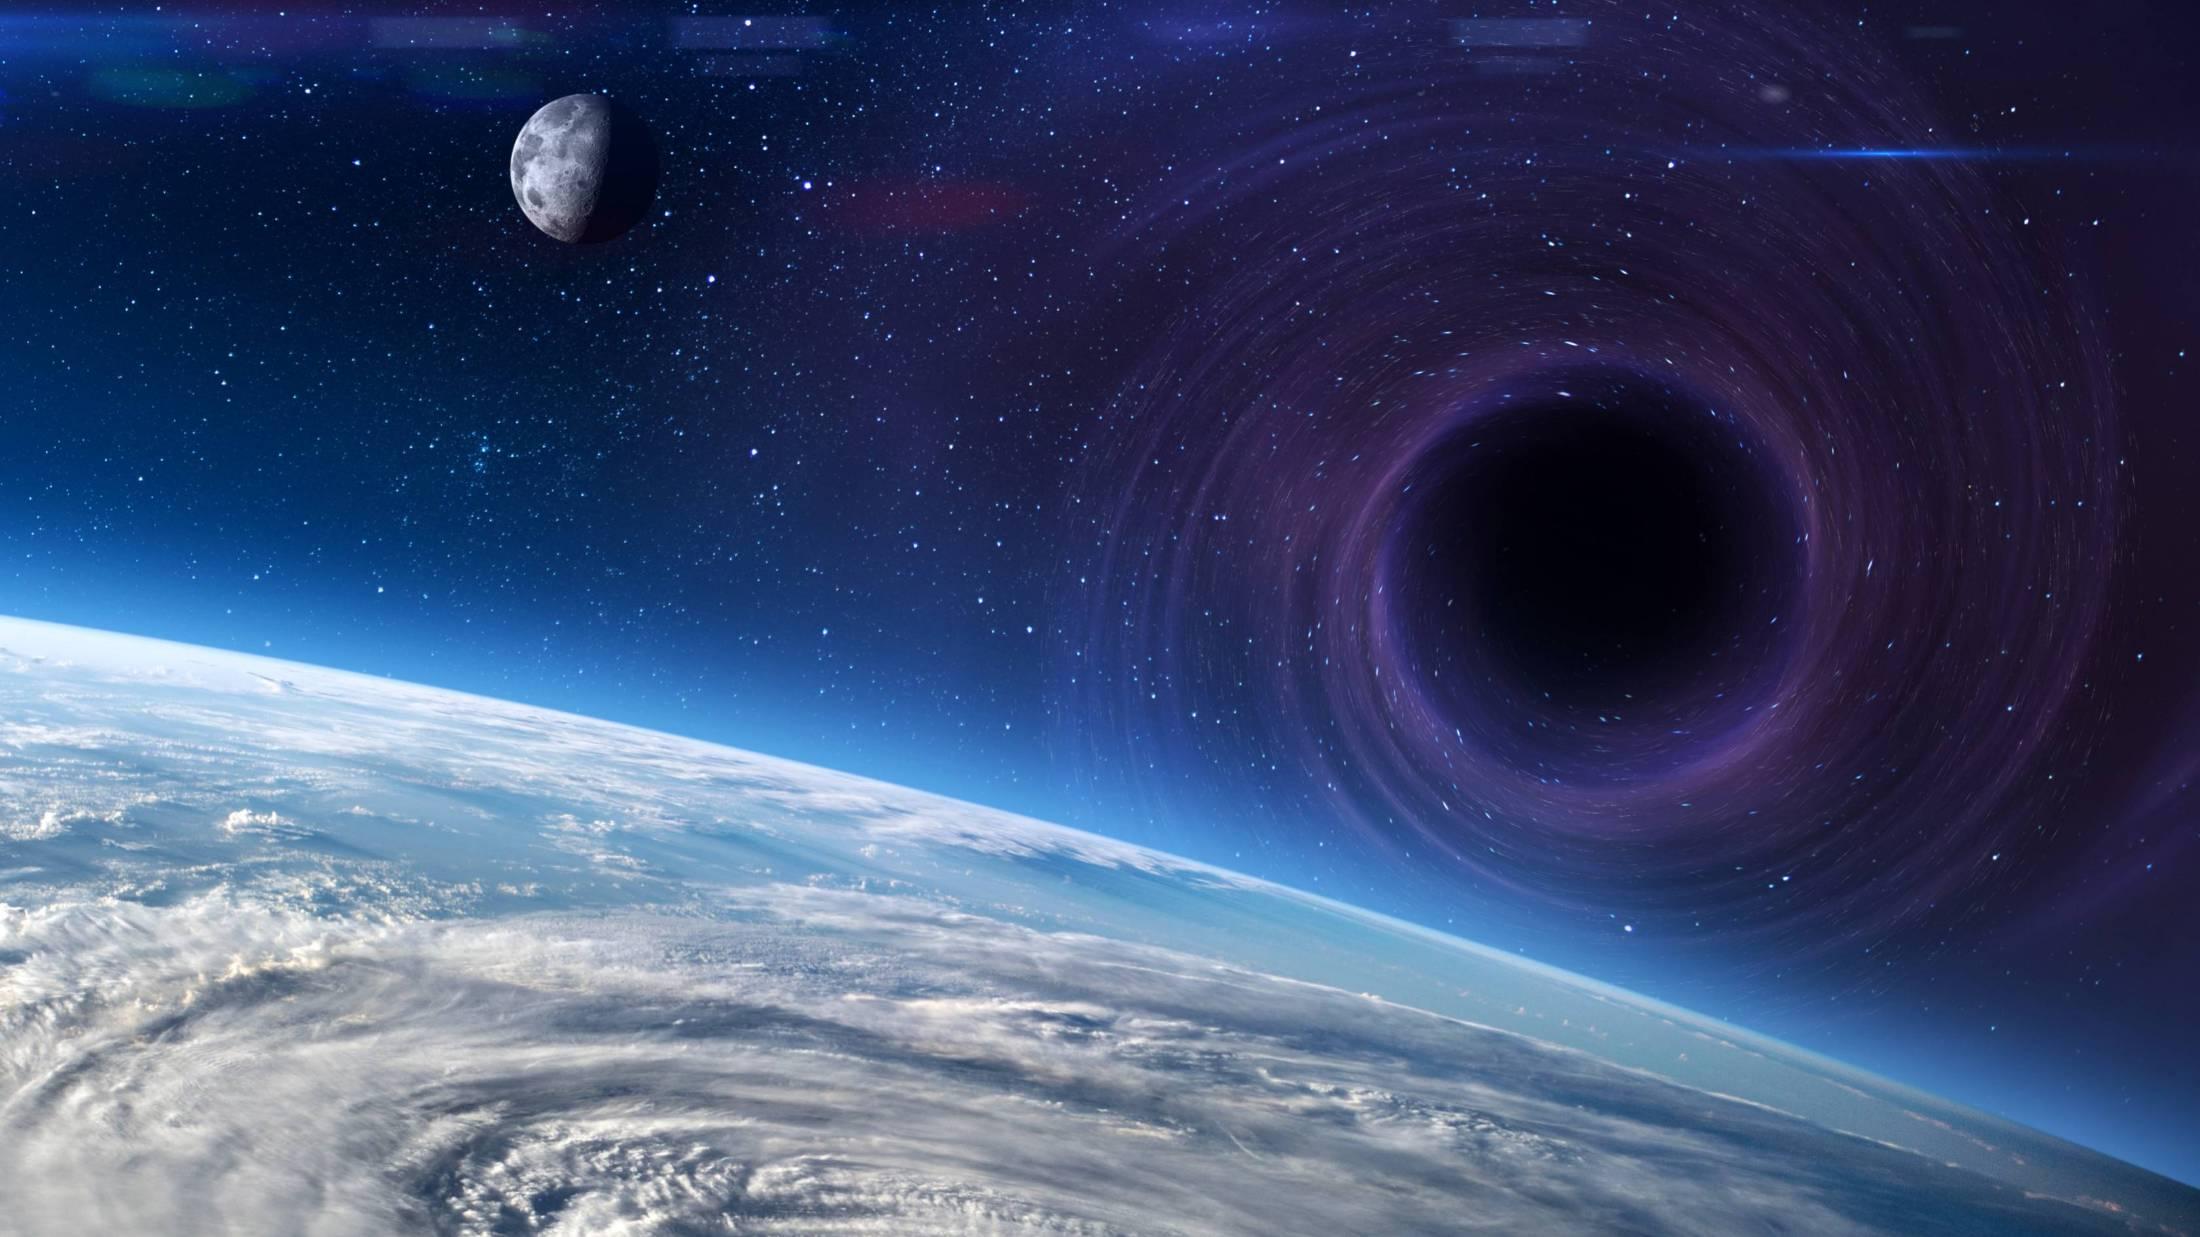 Похоже, рядом с нами тёмная материя: нечто невидимое и огромное притаилось среди ближайших звёзд